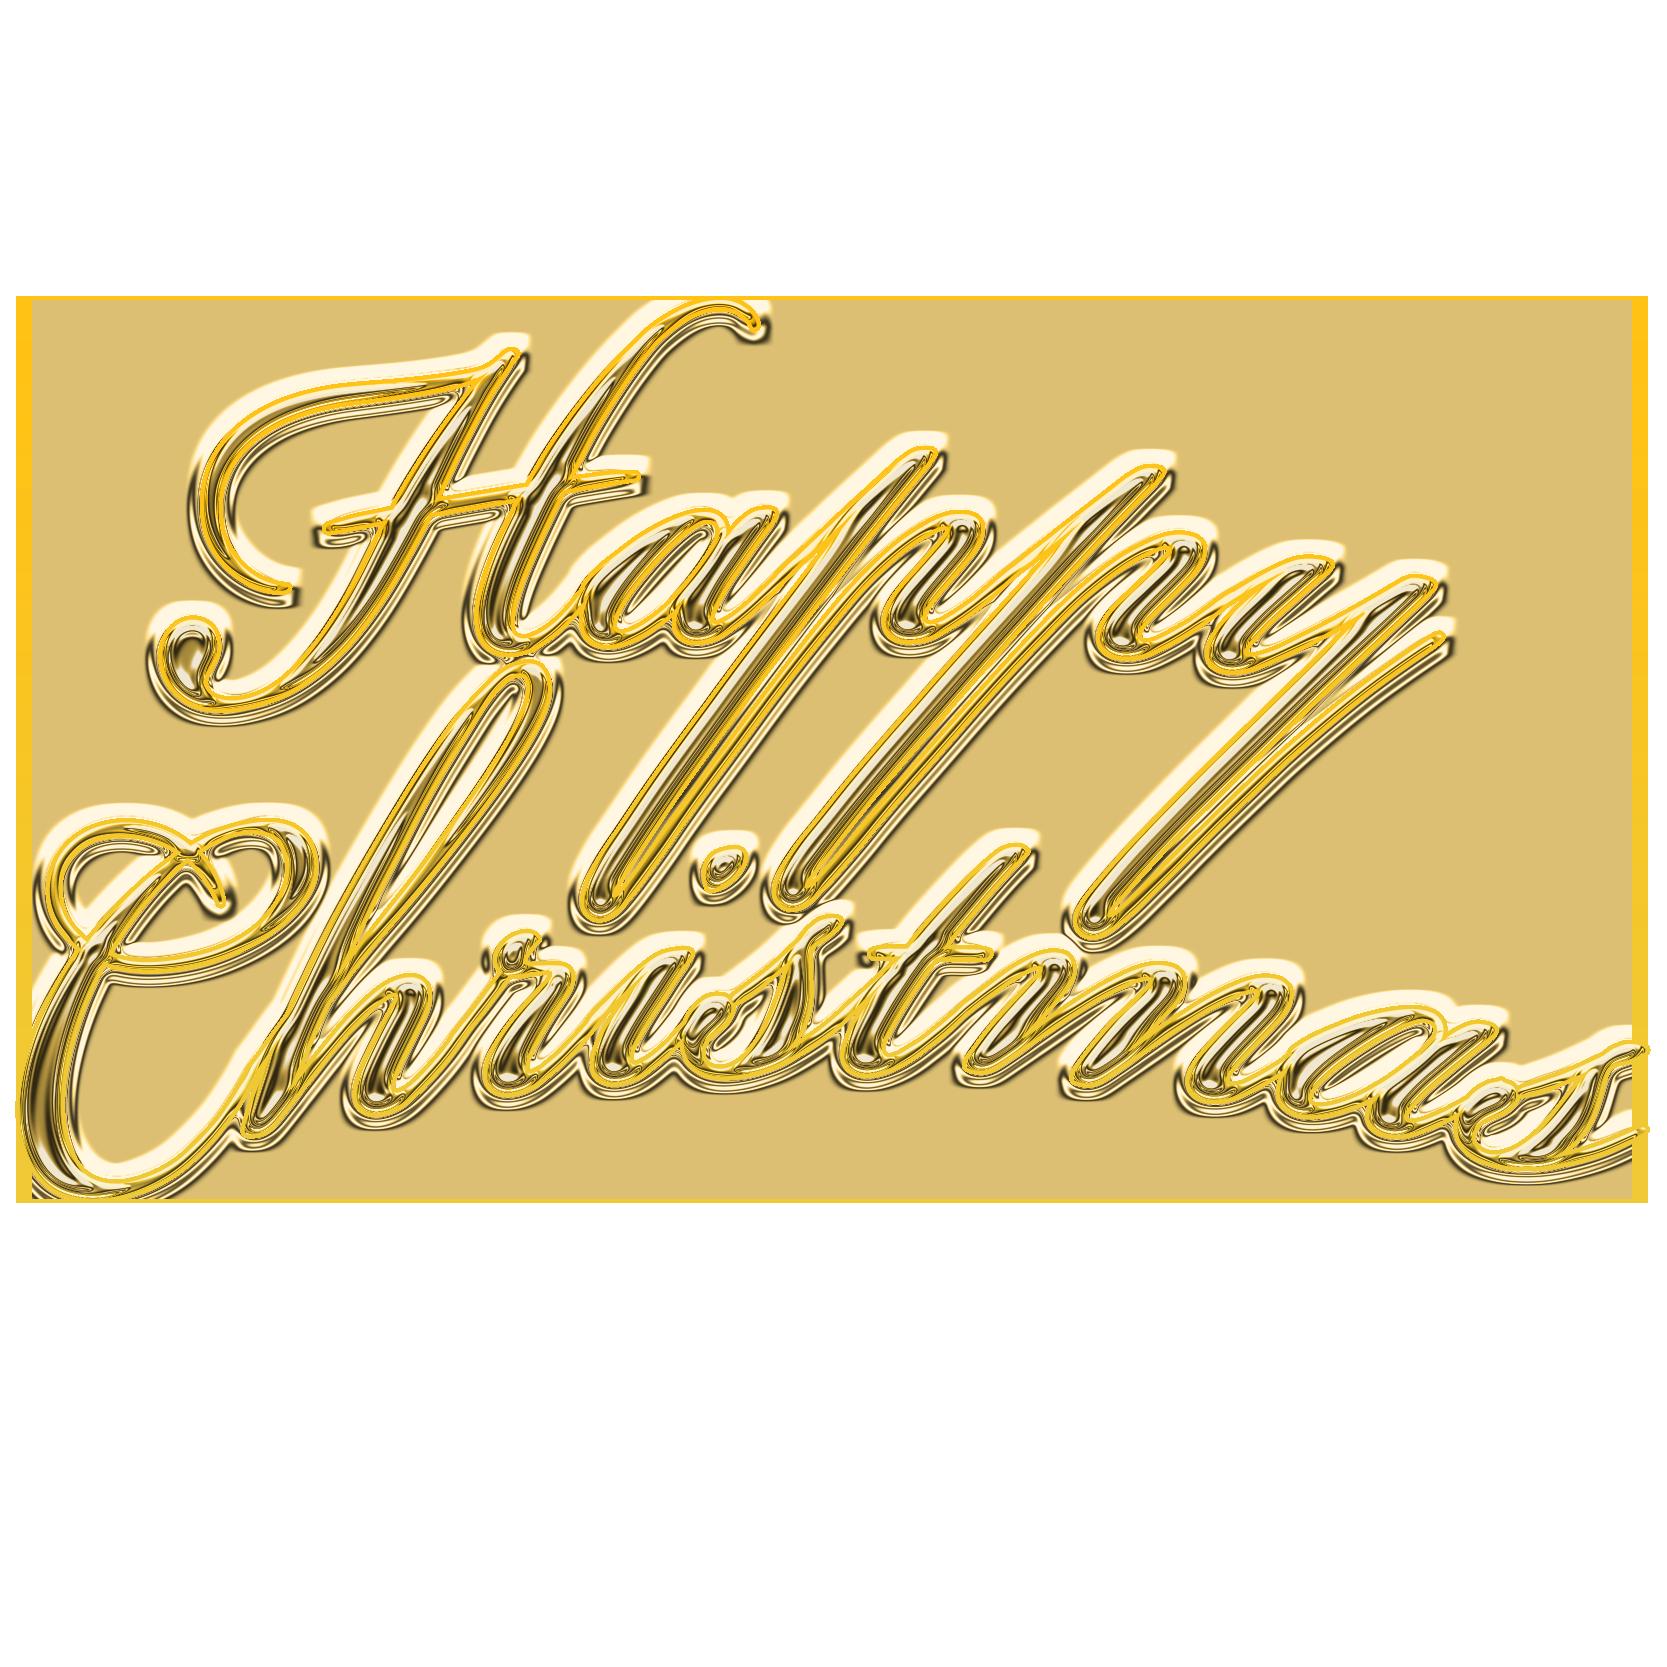 商用フリー・無料イラスト_クリスマス_HappyChristmas文字